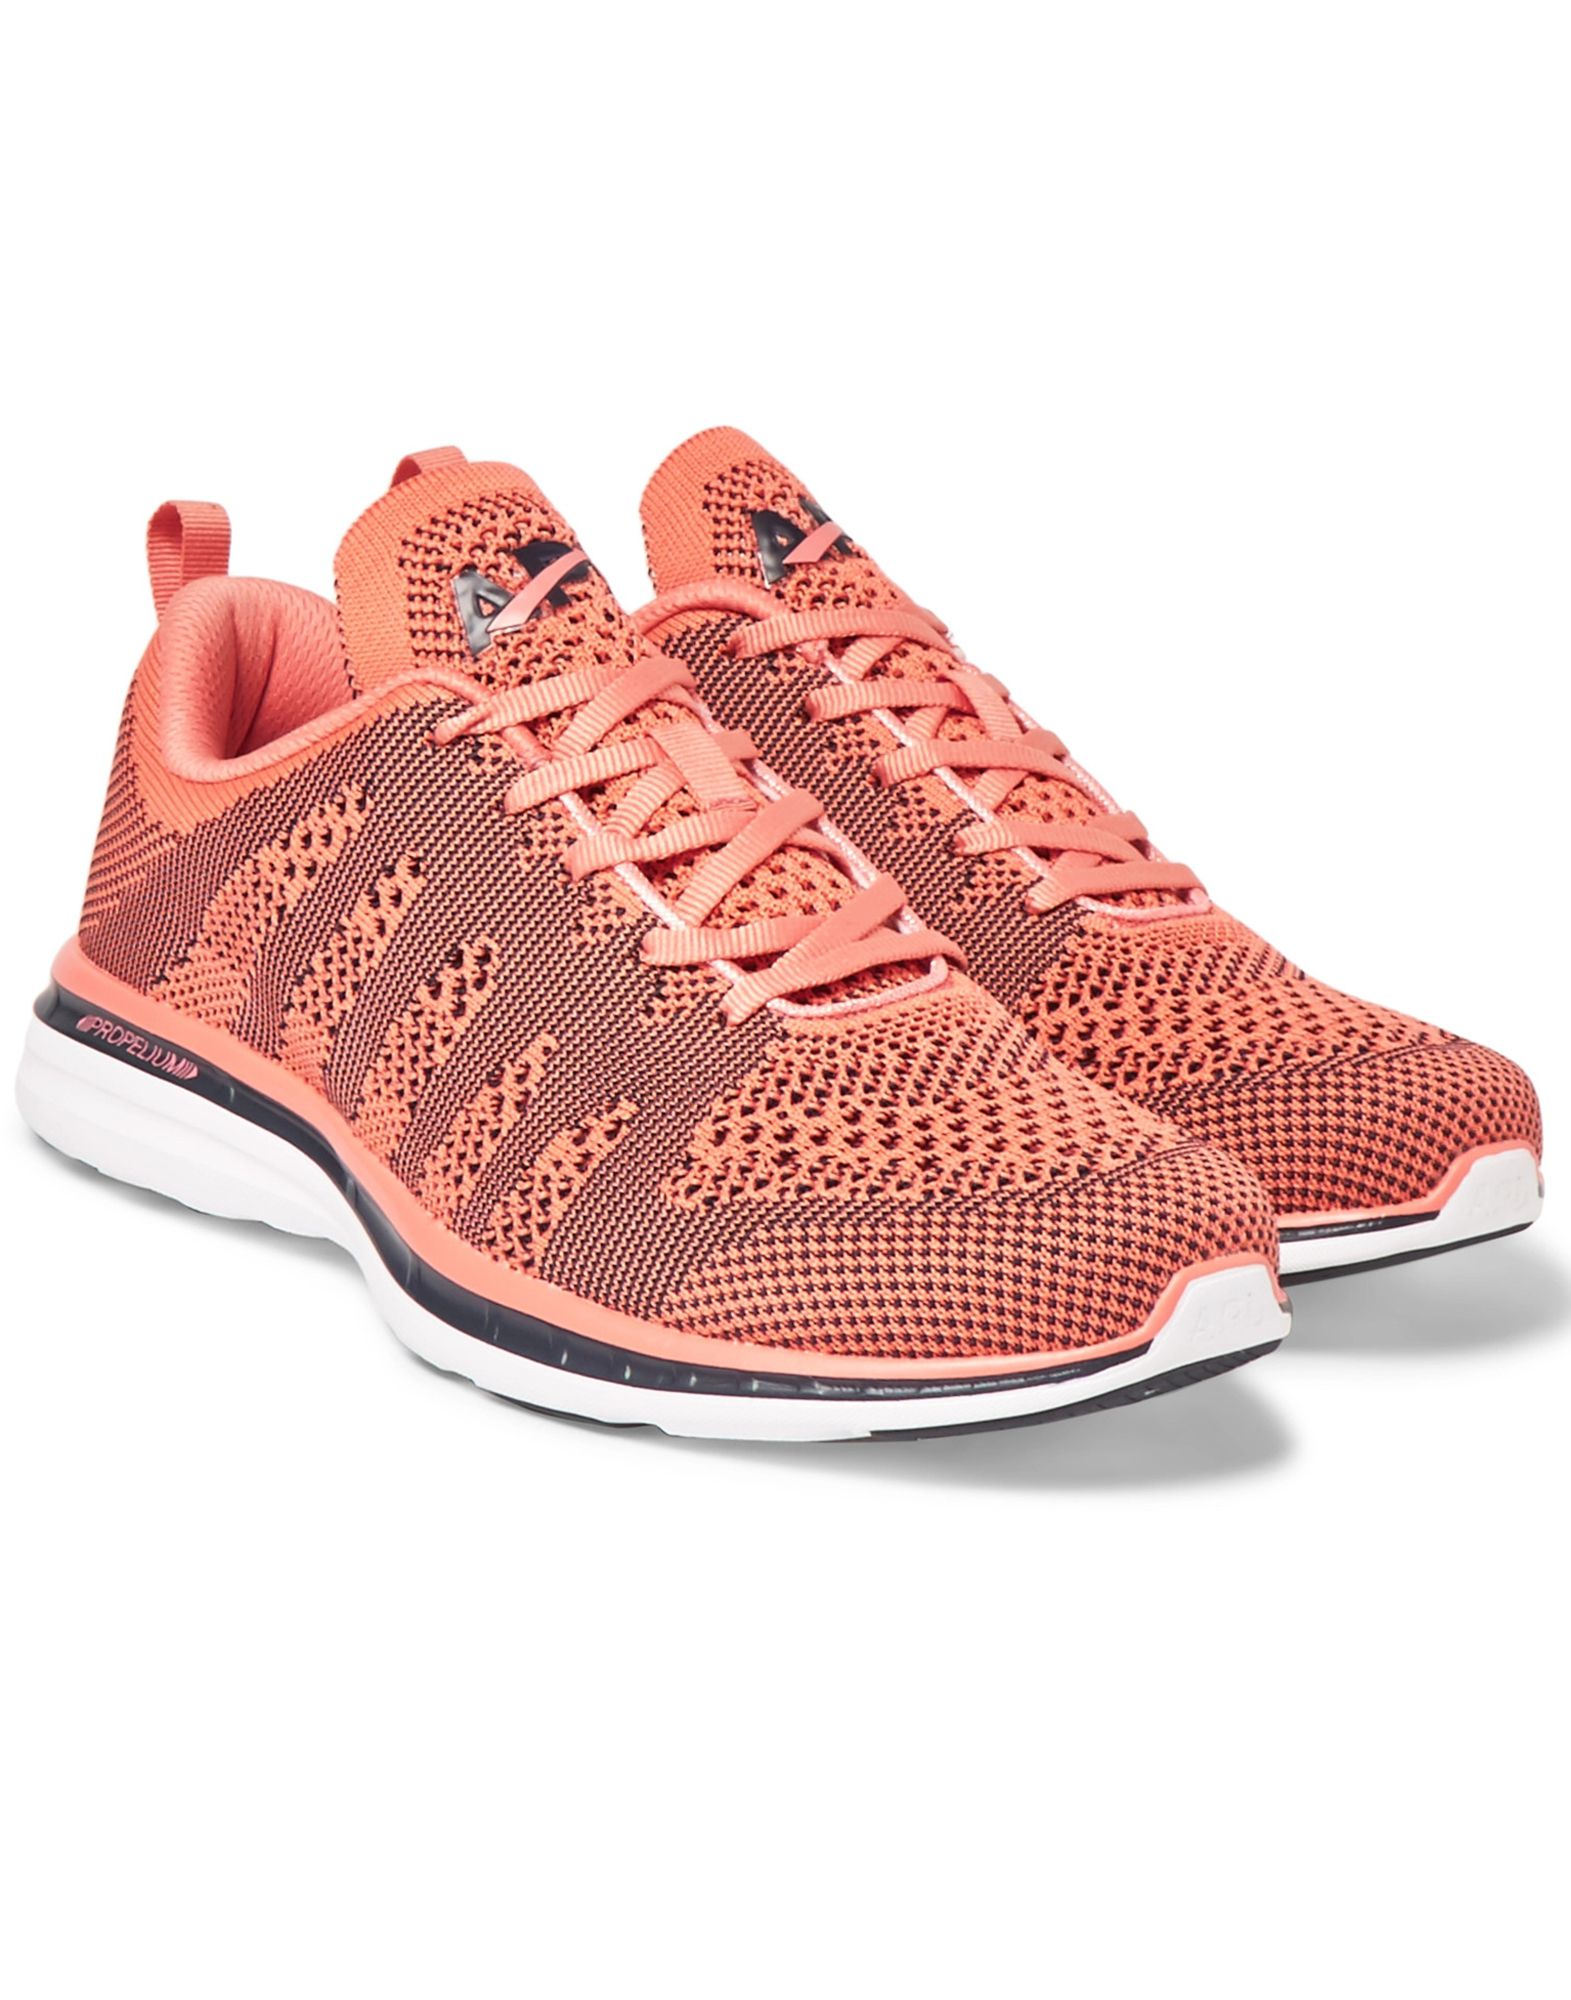 Rabatt Labs echte Schuhe Apl® Athletic Propulsion Labs Rabatt Sneakers Herren  11539712FH a76182